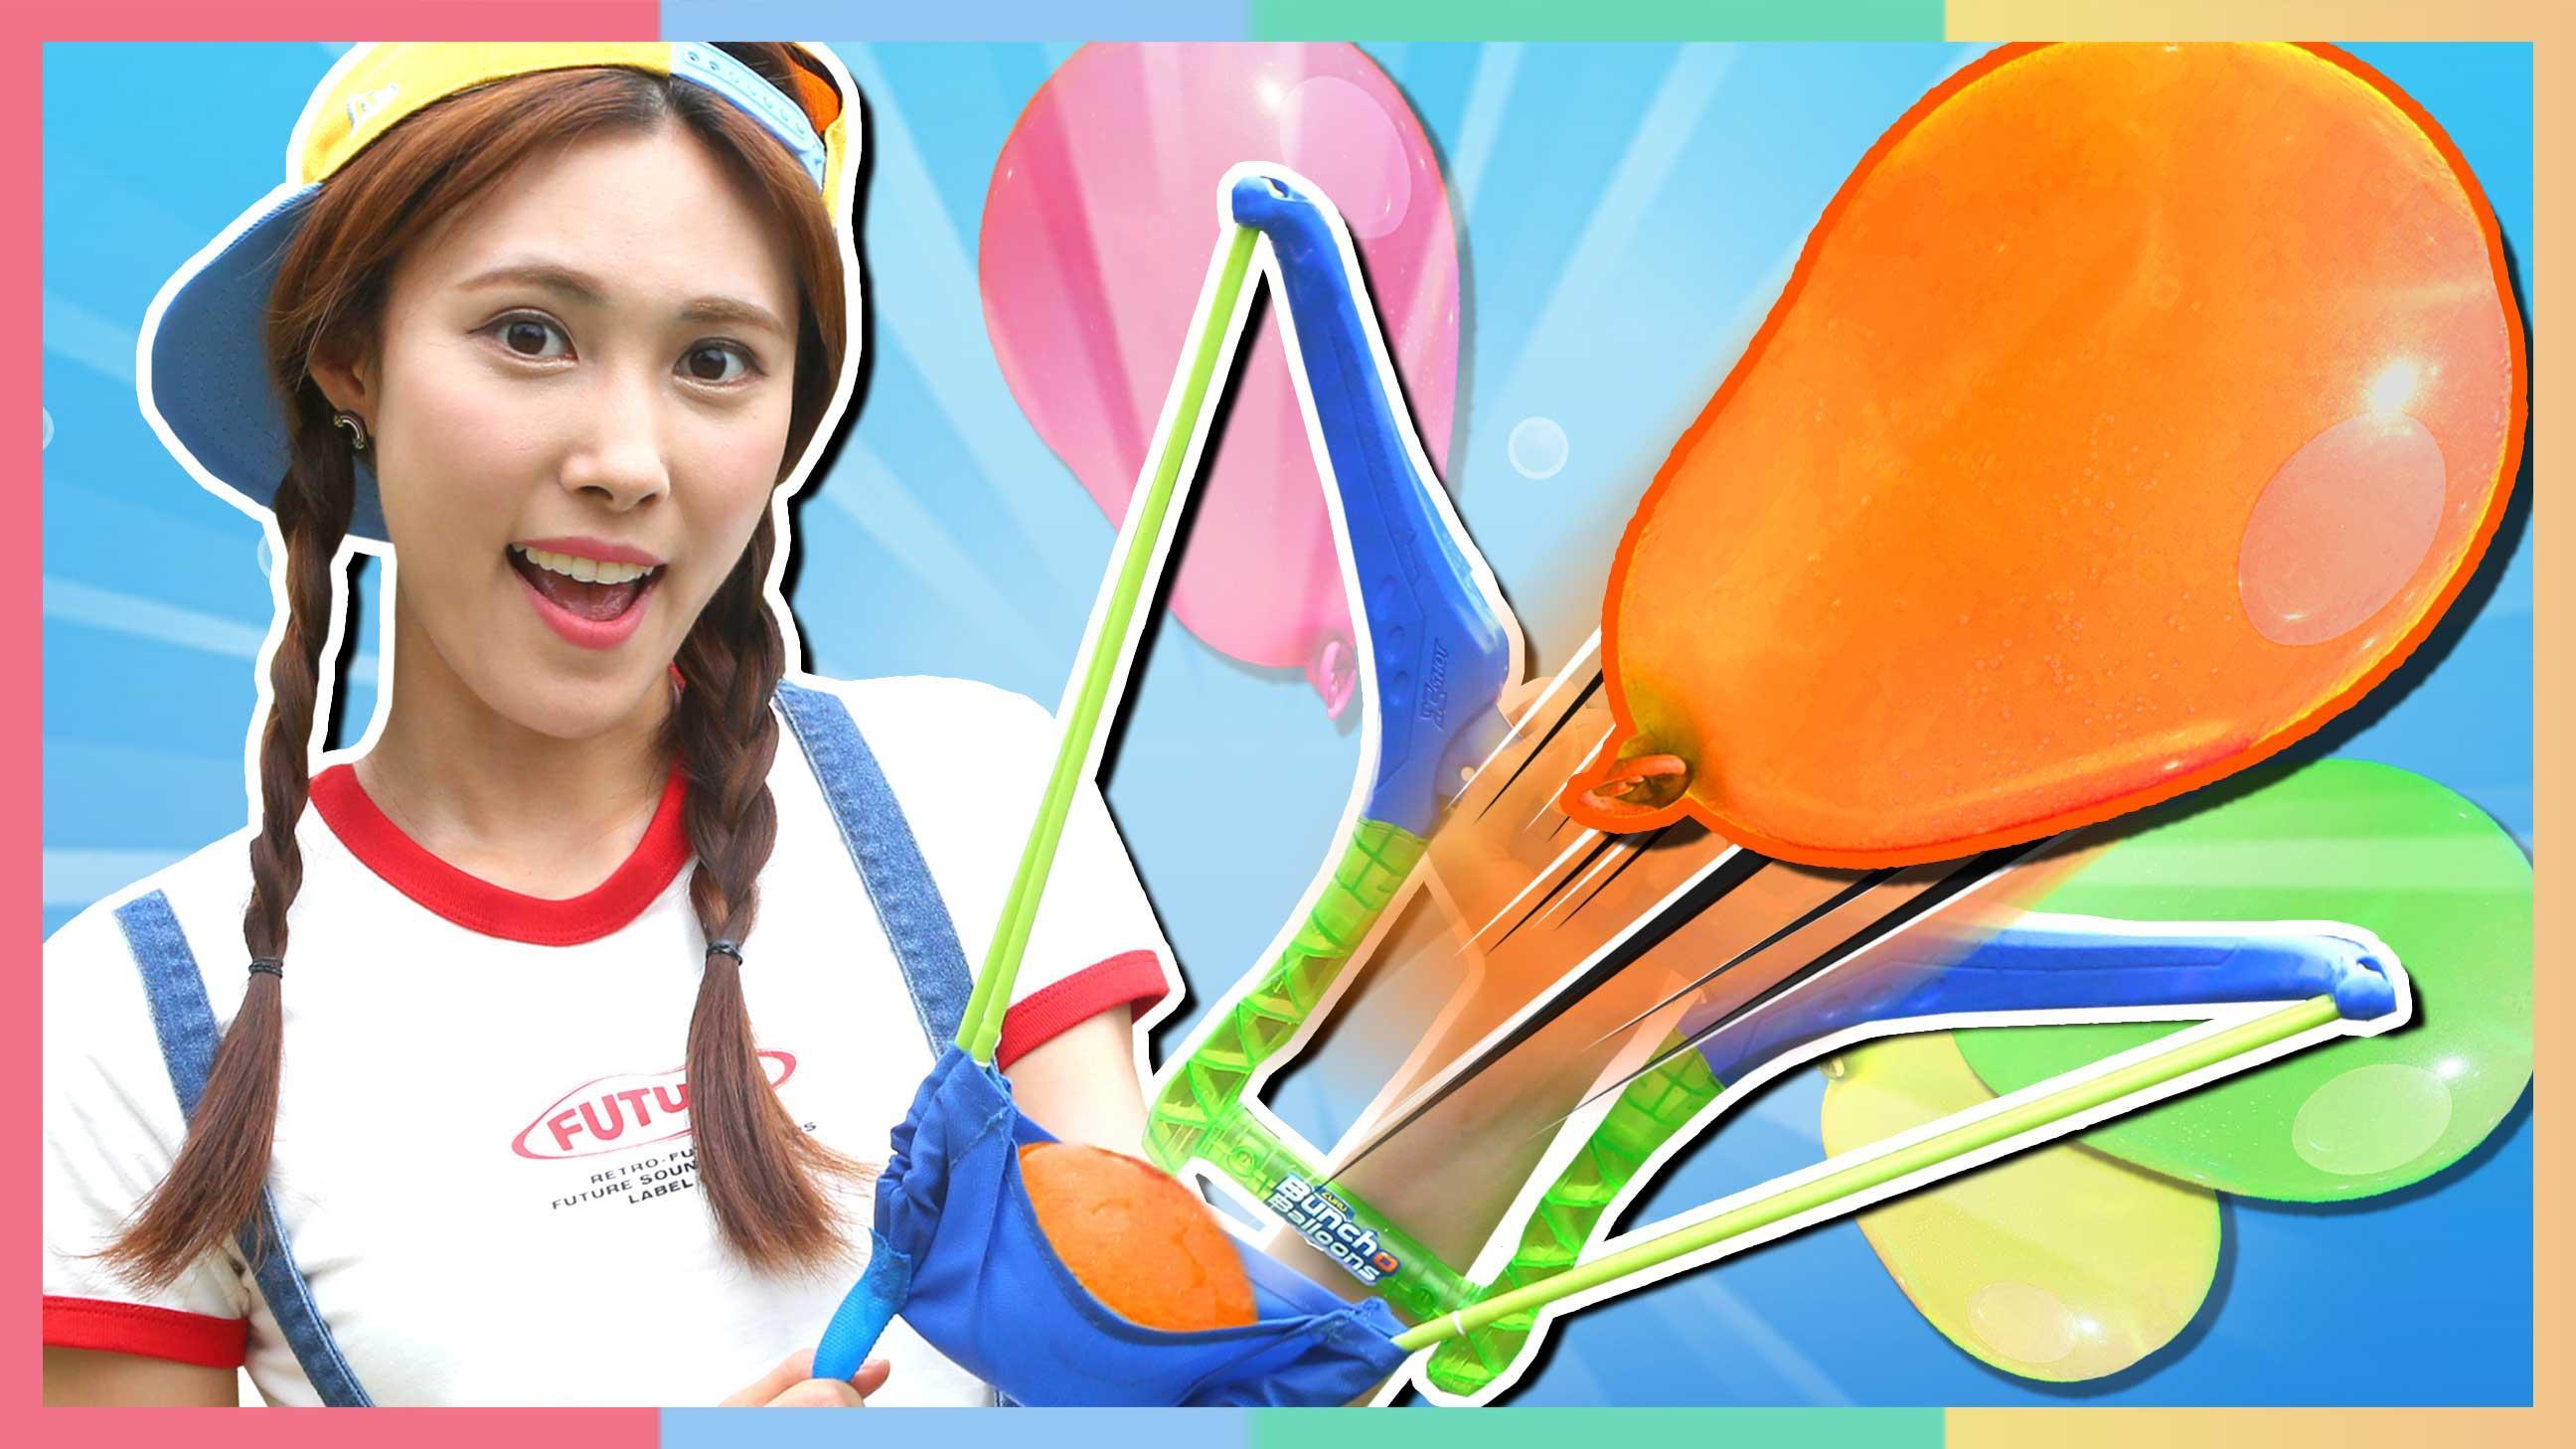 凯利VS小凯利~用水气球玩射箭游戏?  凯利和玩具朋友们 CarrieAndToys